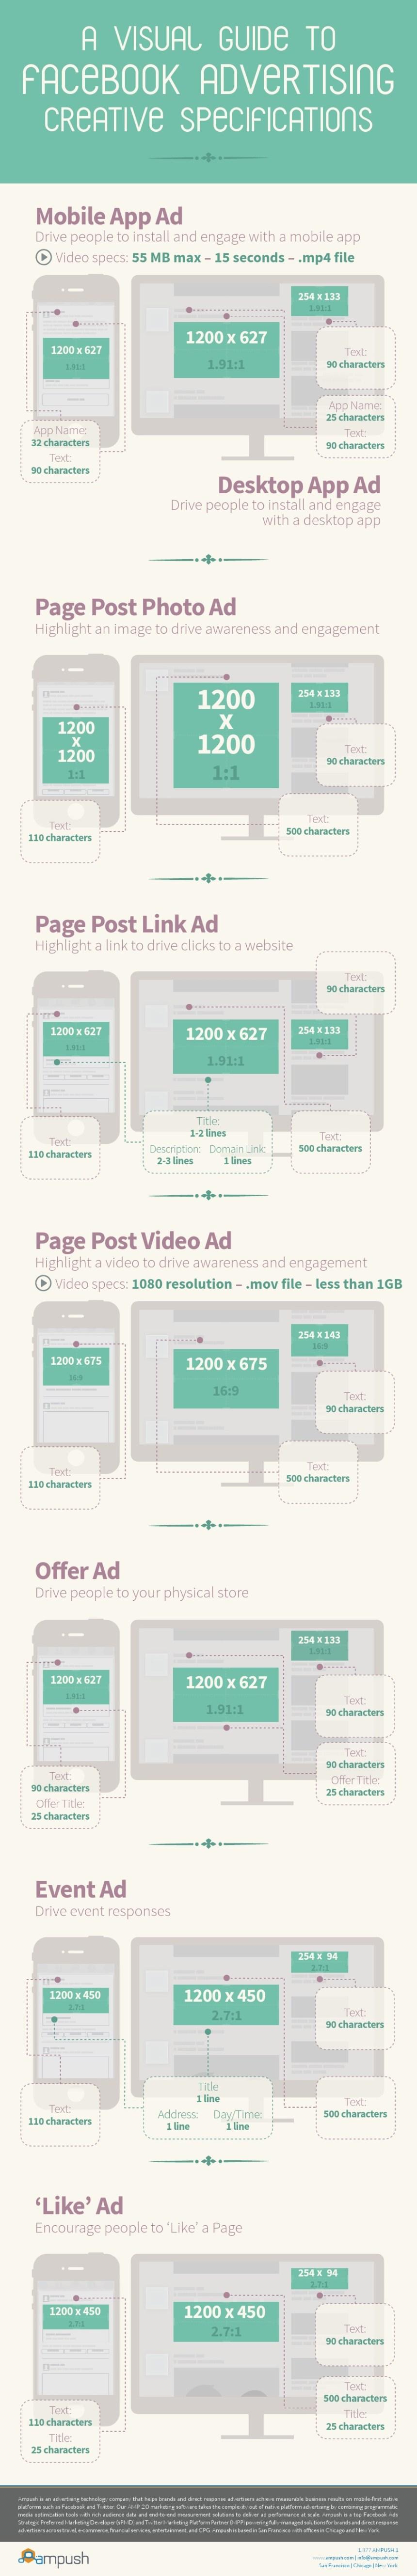 Guía visual sobre publicidad en FaceBook